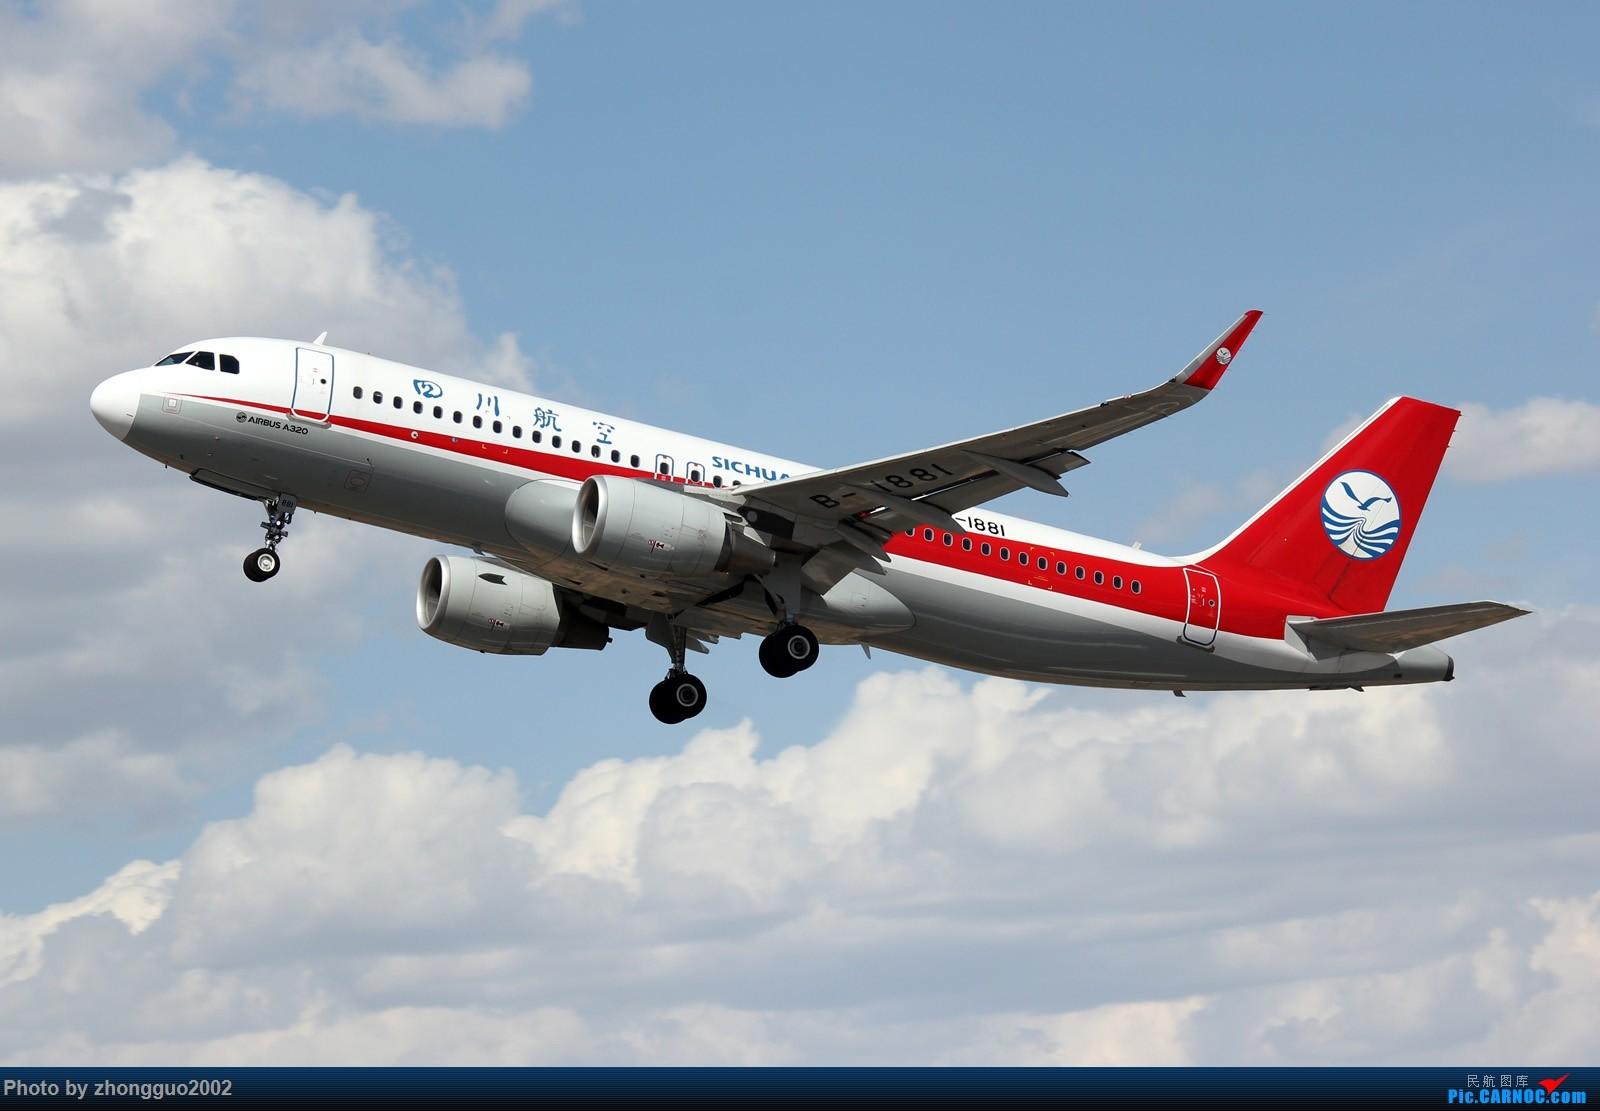 Re:[原创]赶上鄂尔多斯通航Y-5本场练习,顺便拍点其他飞机 AIRBUS A320-200 B-1881 中国鄂尔多斯伊金霍洛机场